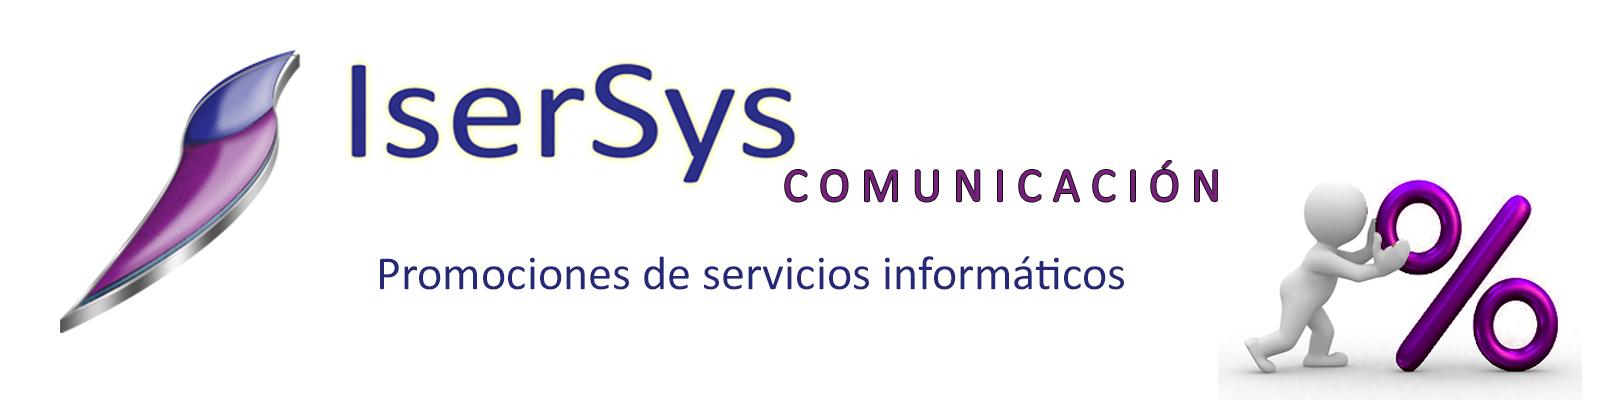 Promociones de servicios informáticos